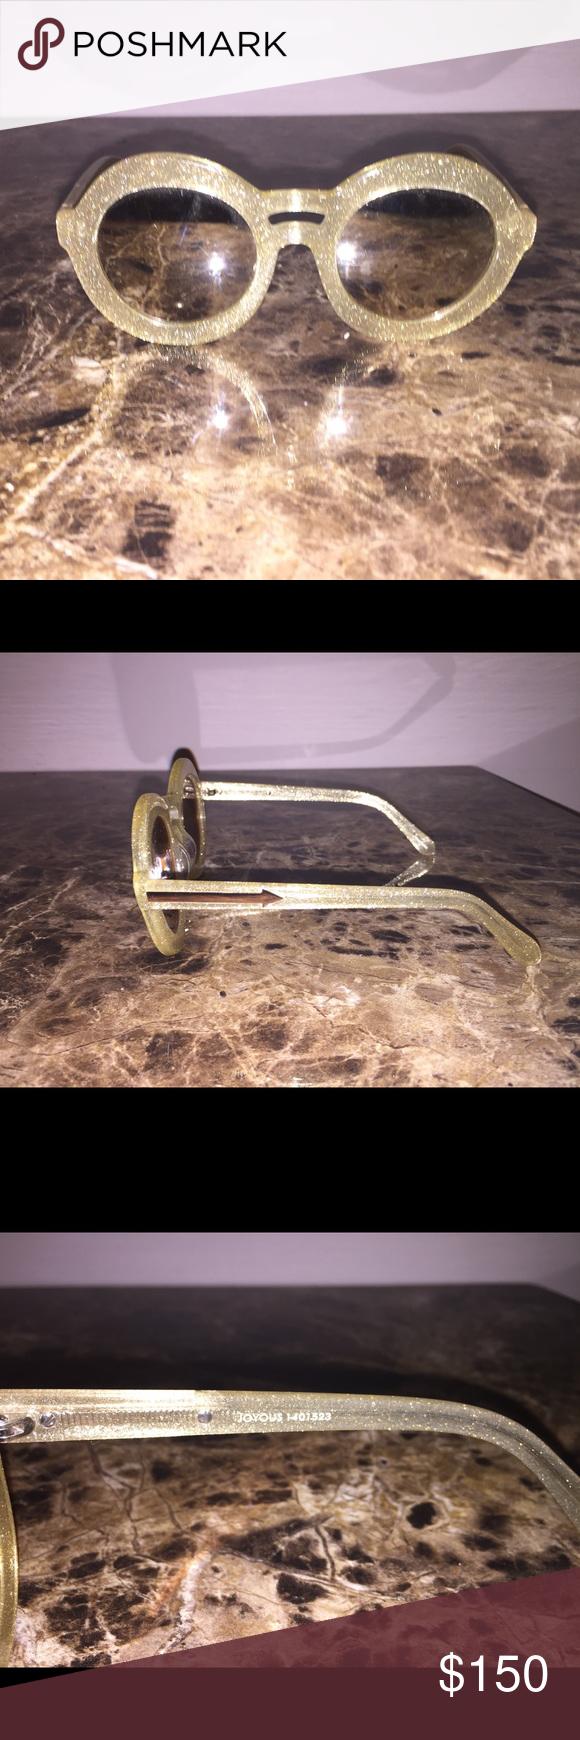 d034291033 Karen Walker Joyous Gold Glitter Round Sunglasses - Gold Glitter, Round  Frame - 100%